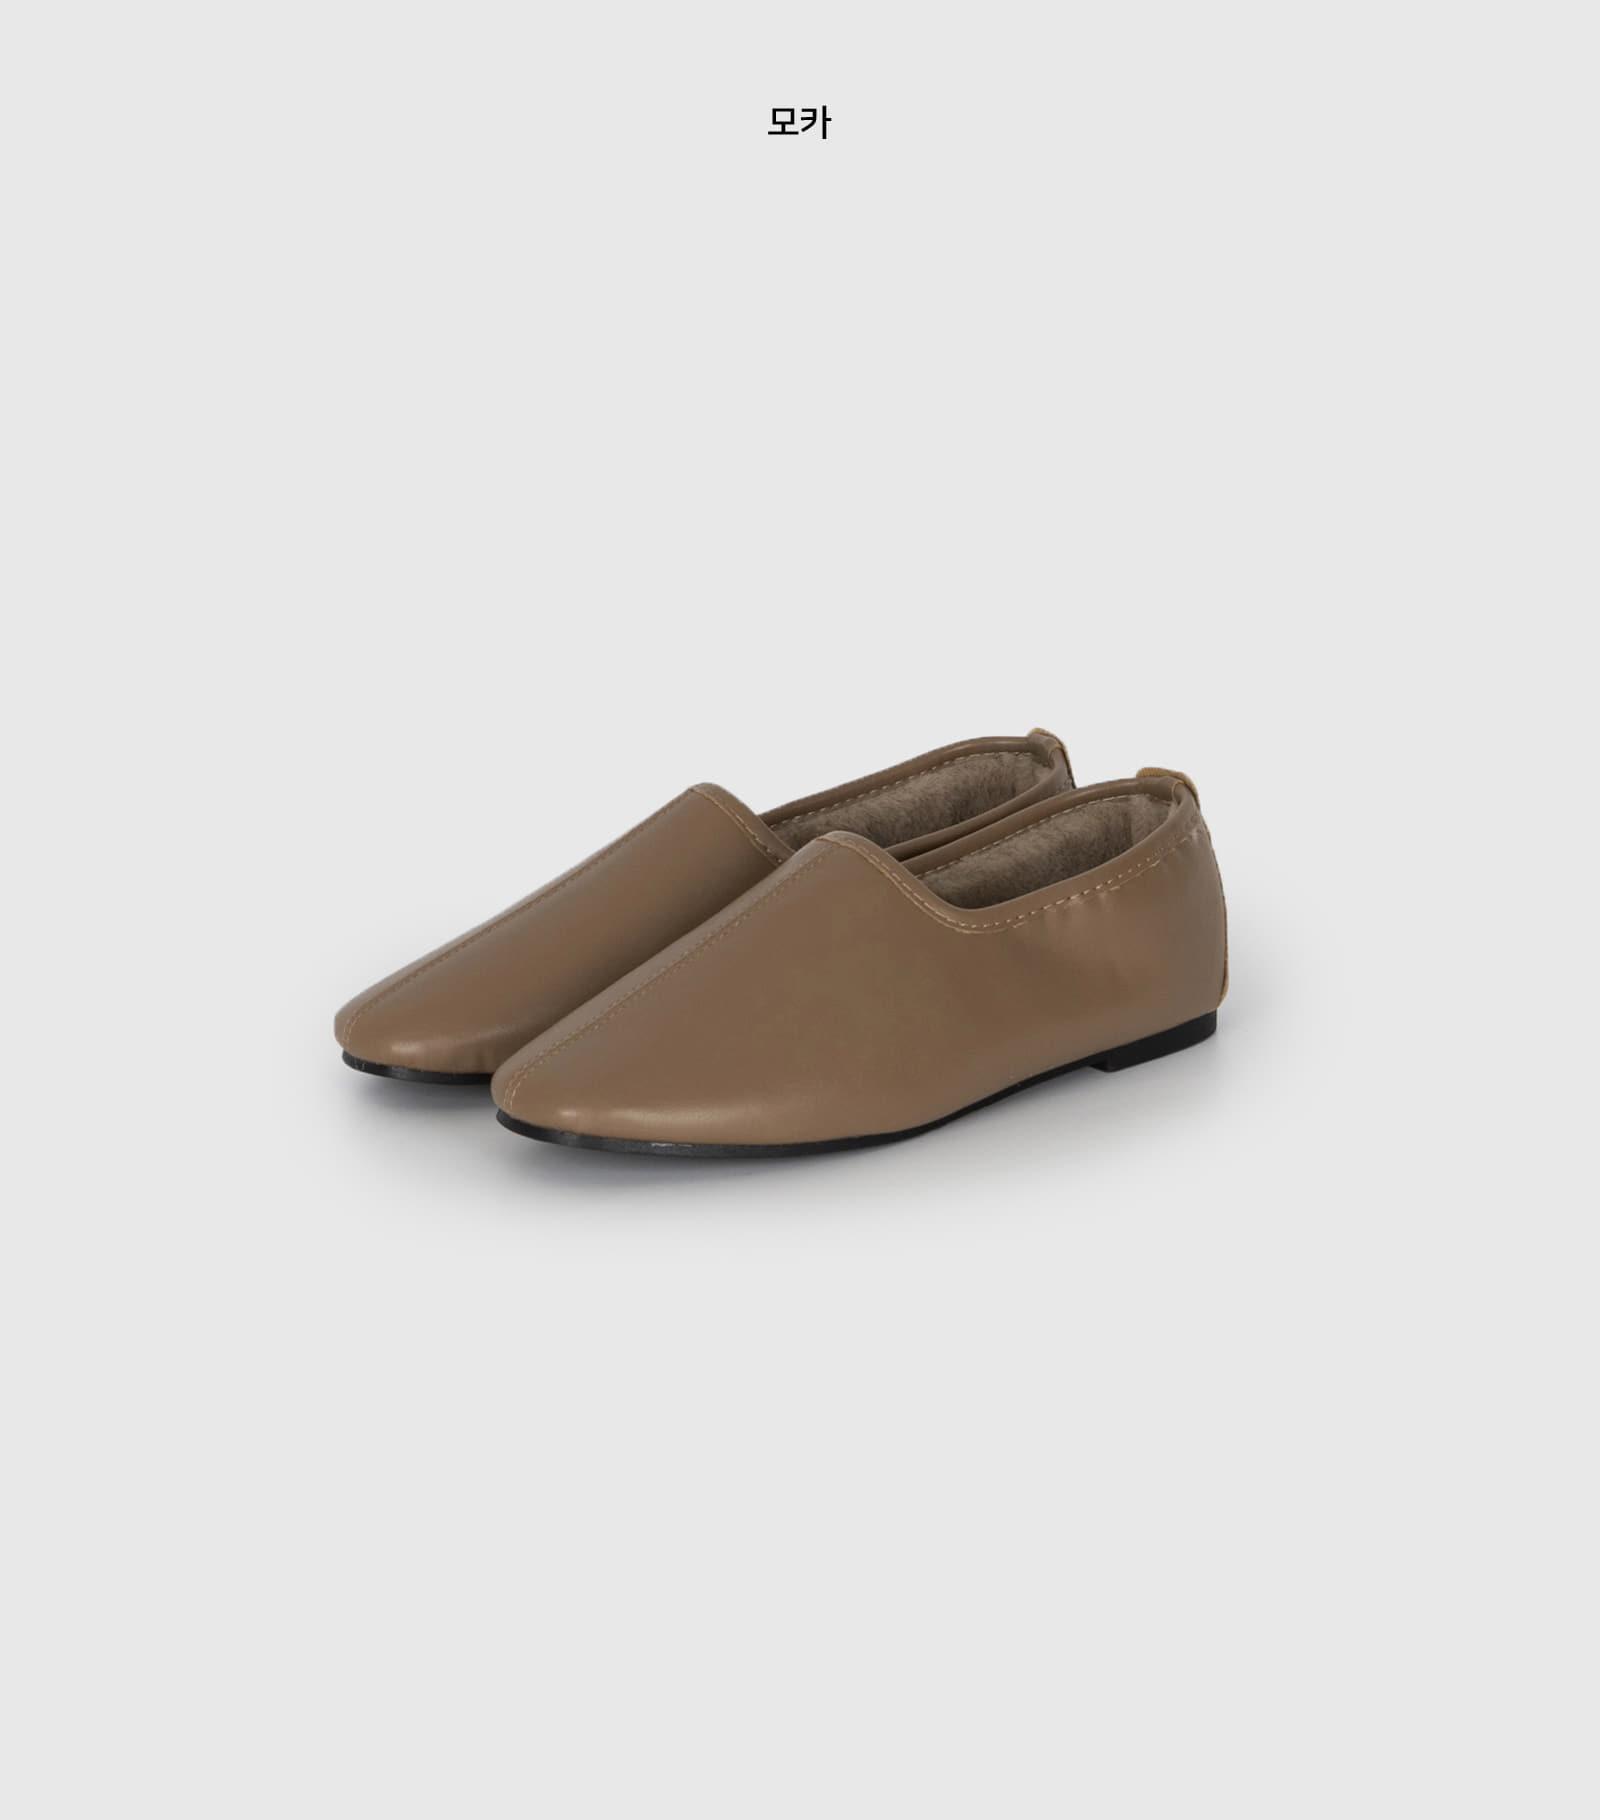 Soft fur flat shoes